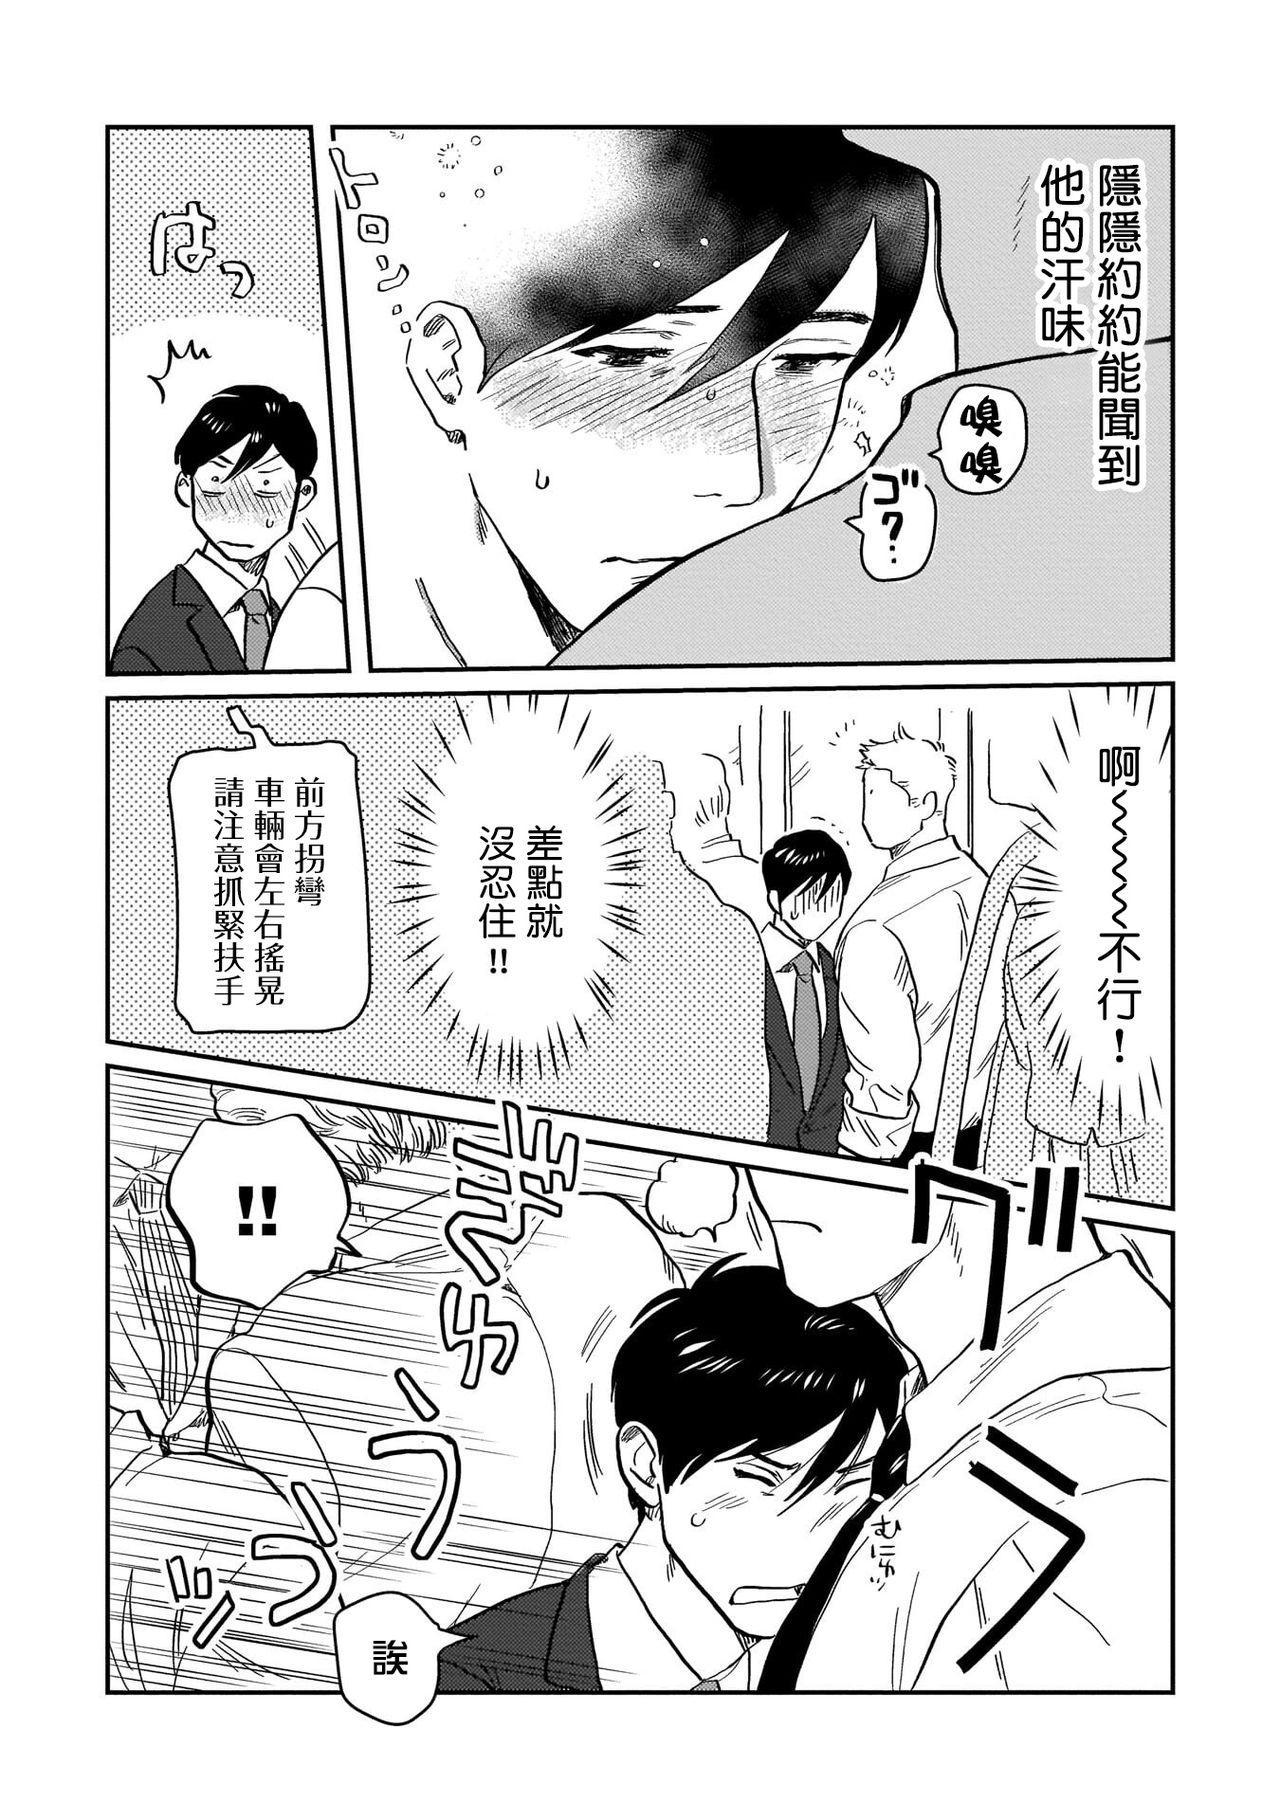 Kouhai no Oppai ga Suki Sugiru | 我太喜欢后辈的奶子了 Ch. 1-2 44